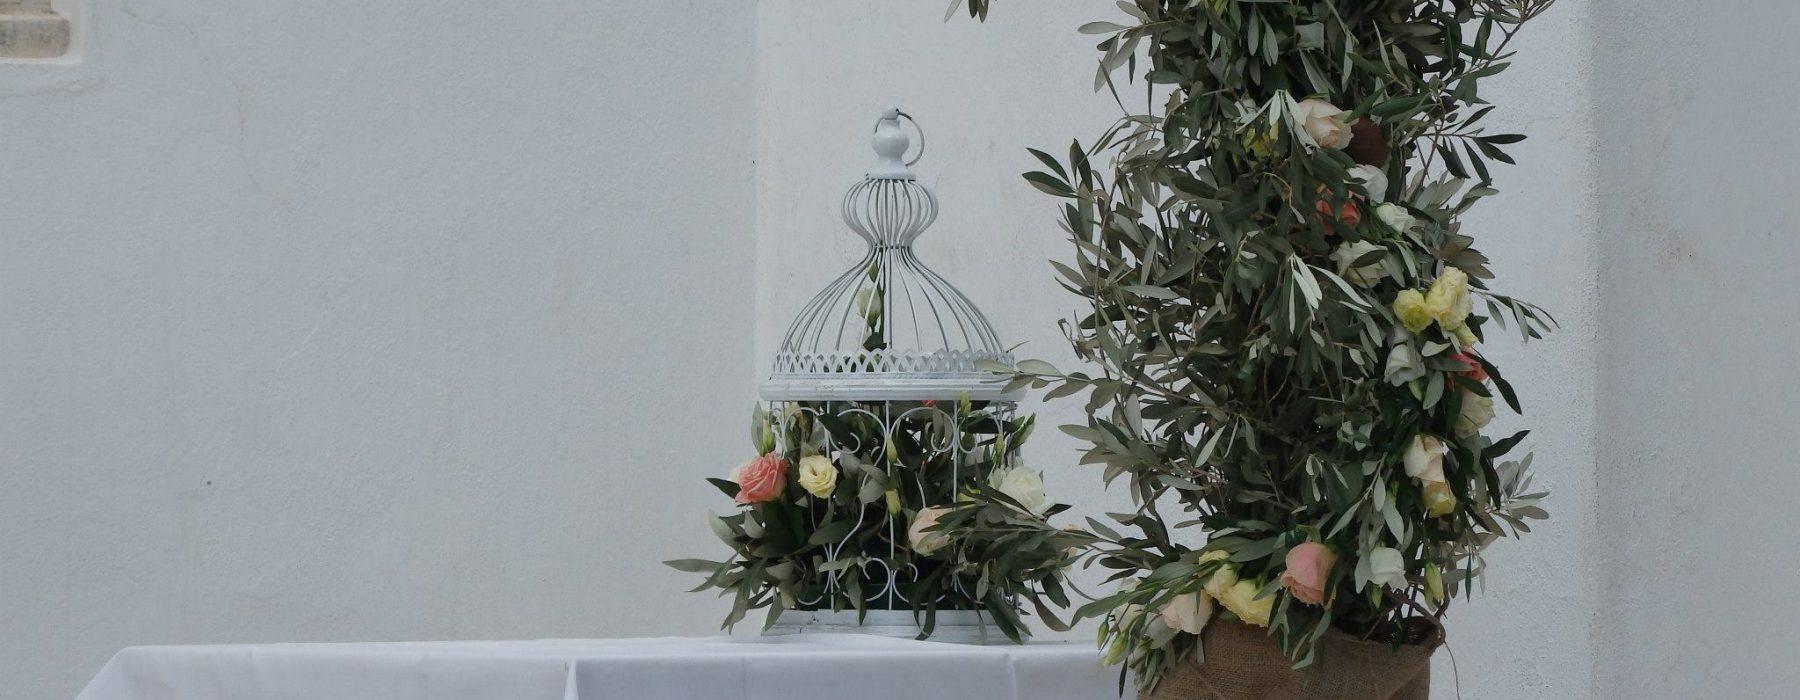 Ανεμώνα – Ανθοστολισμός Γάμου & Βάπτισης